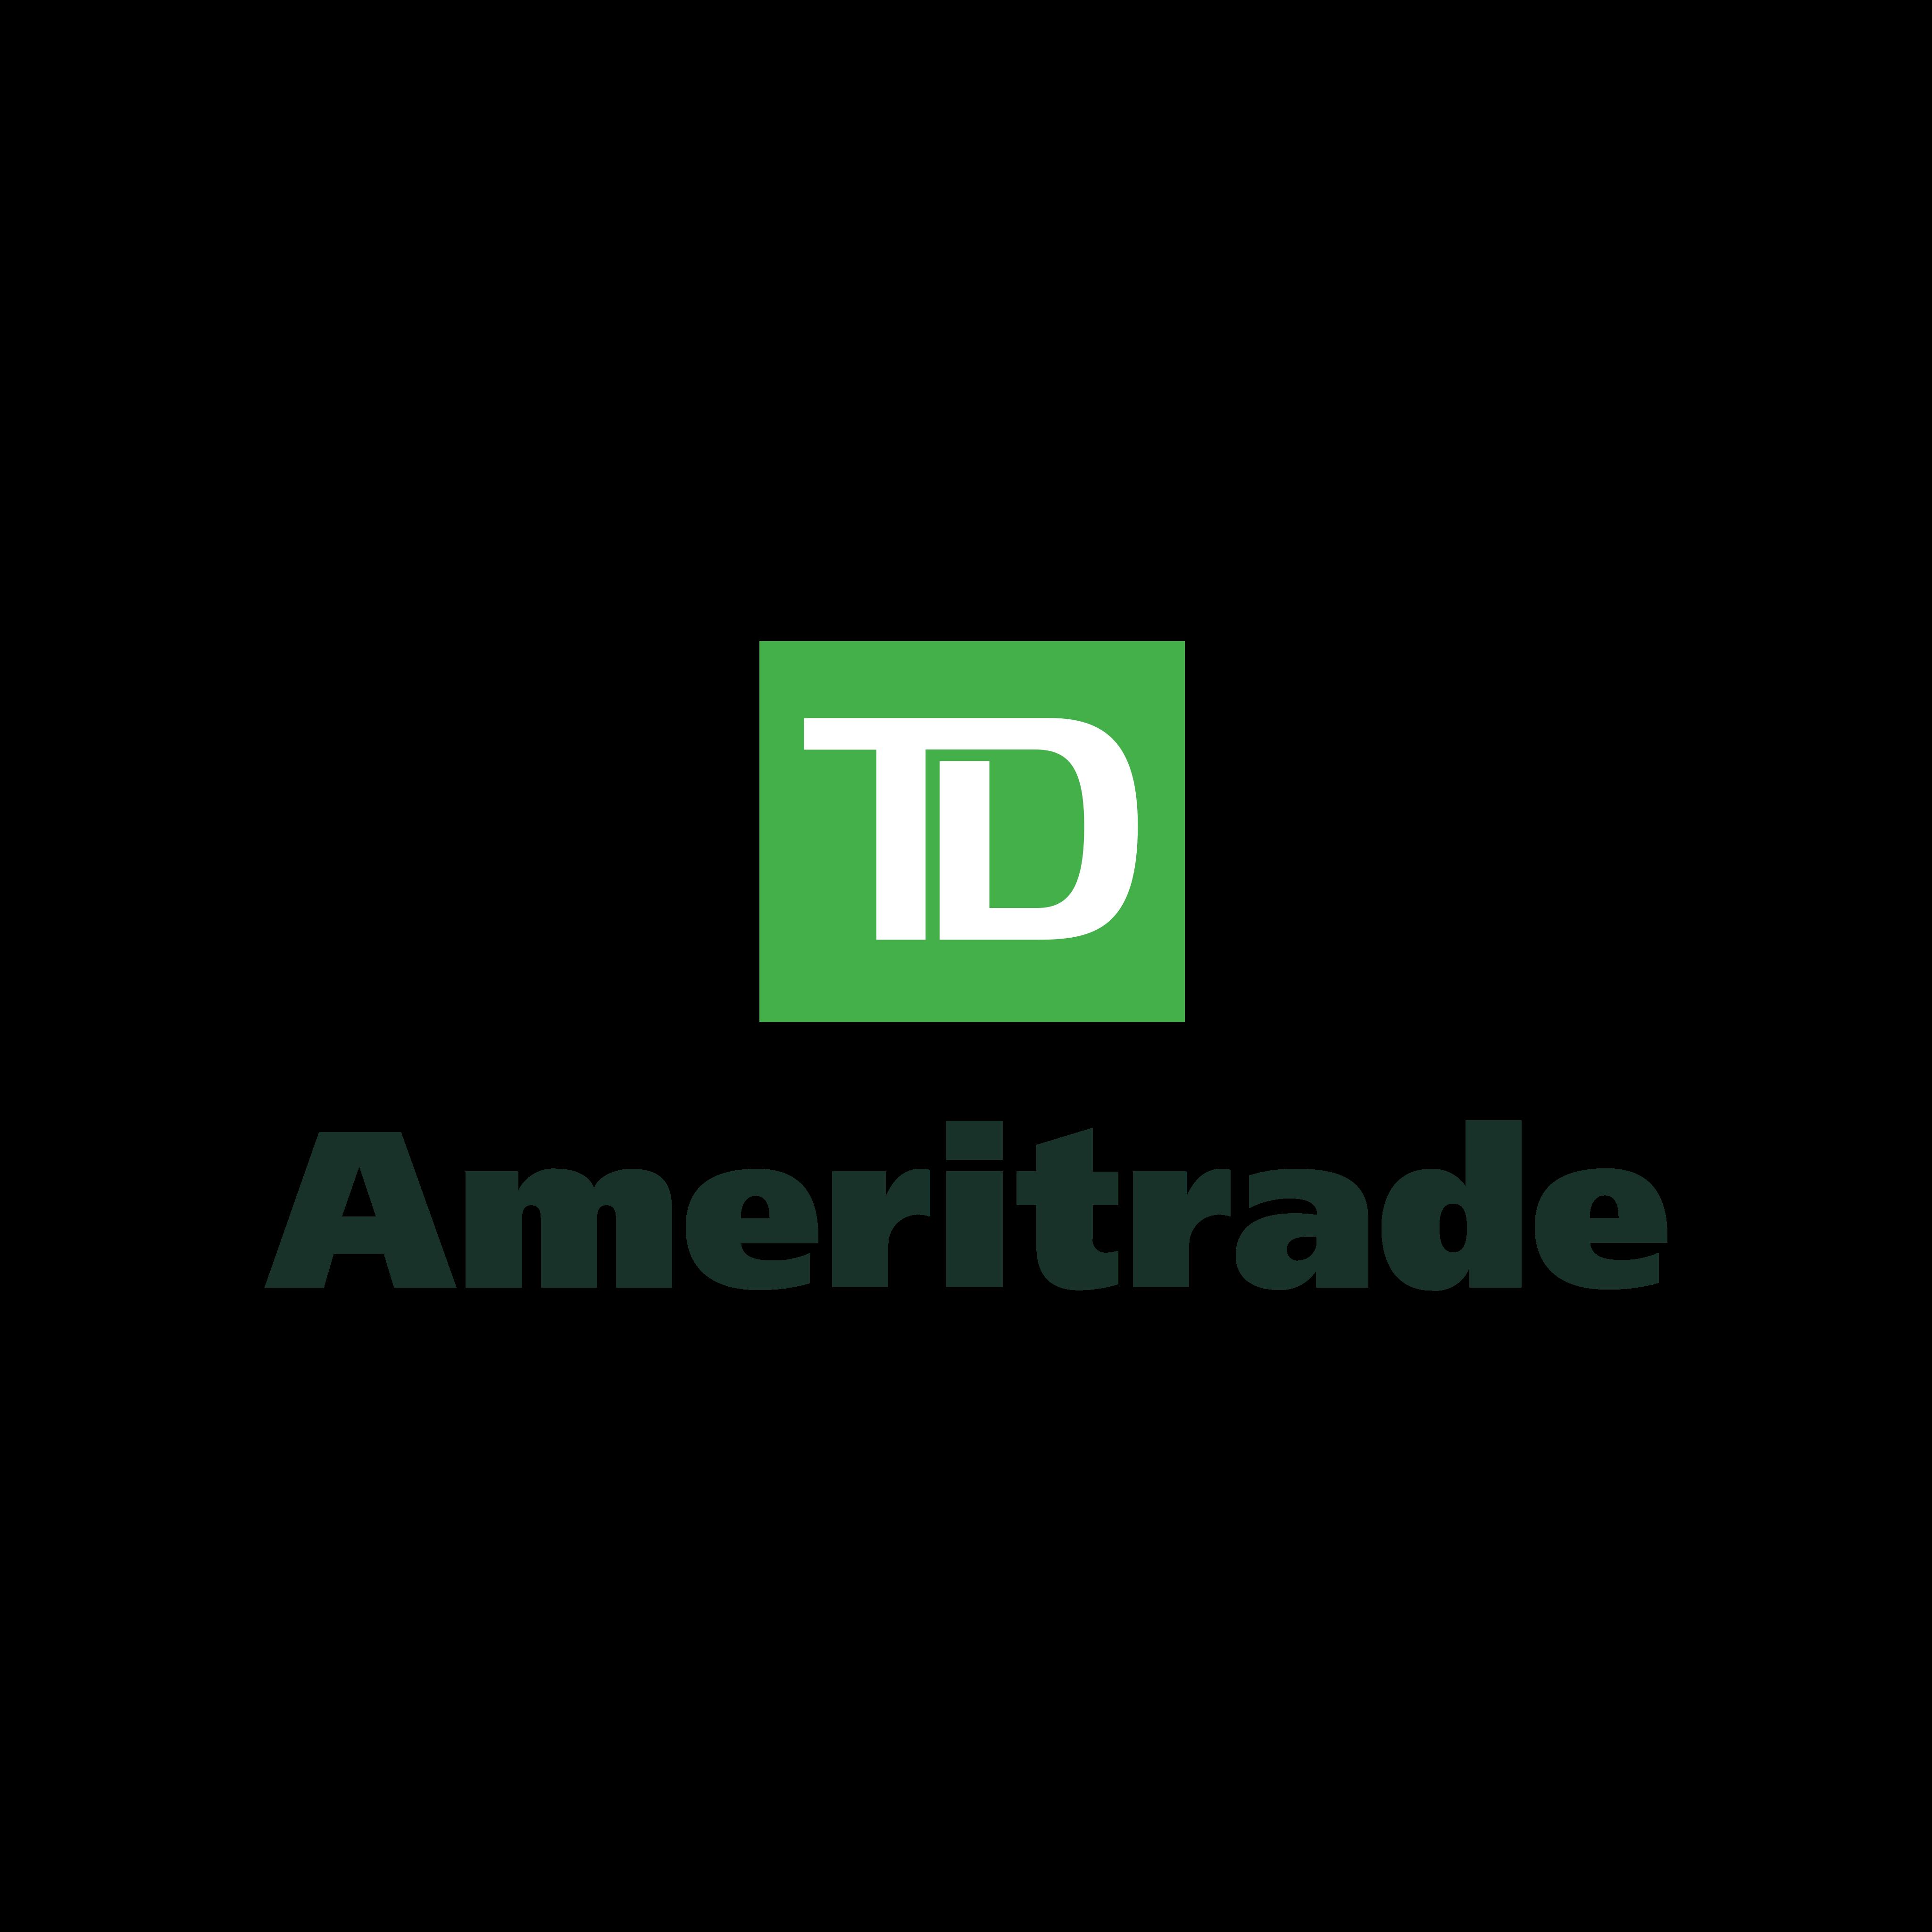 td ameritrade logo 0 - TD Ameritrade Logo